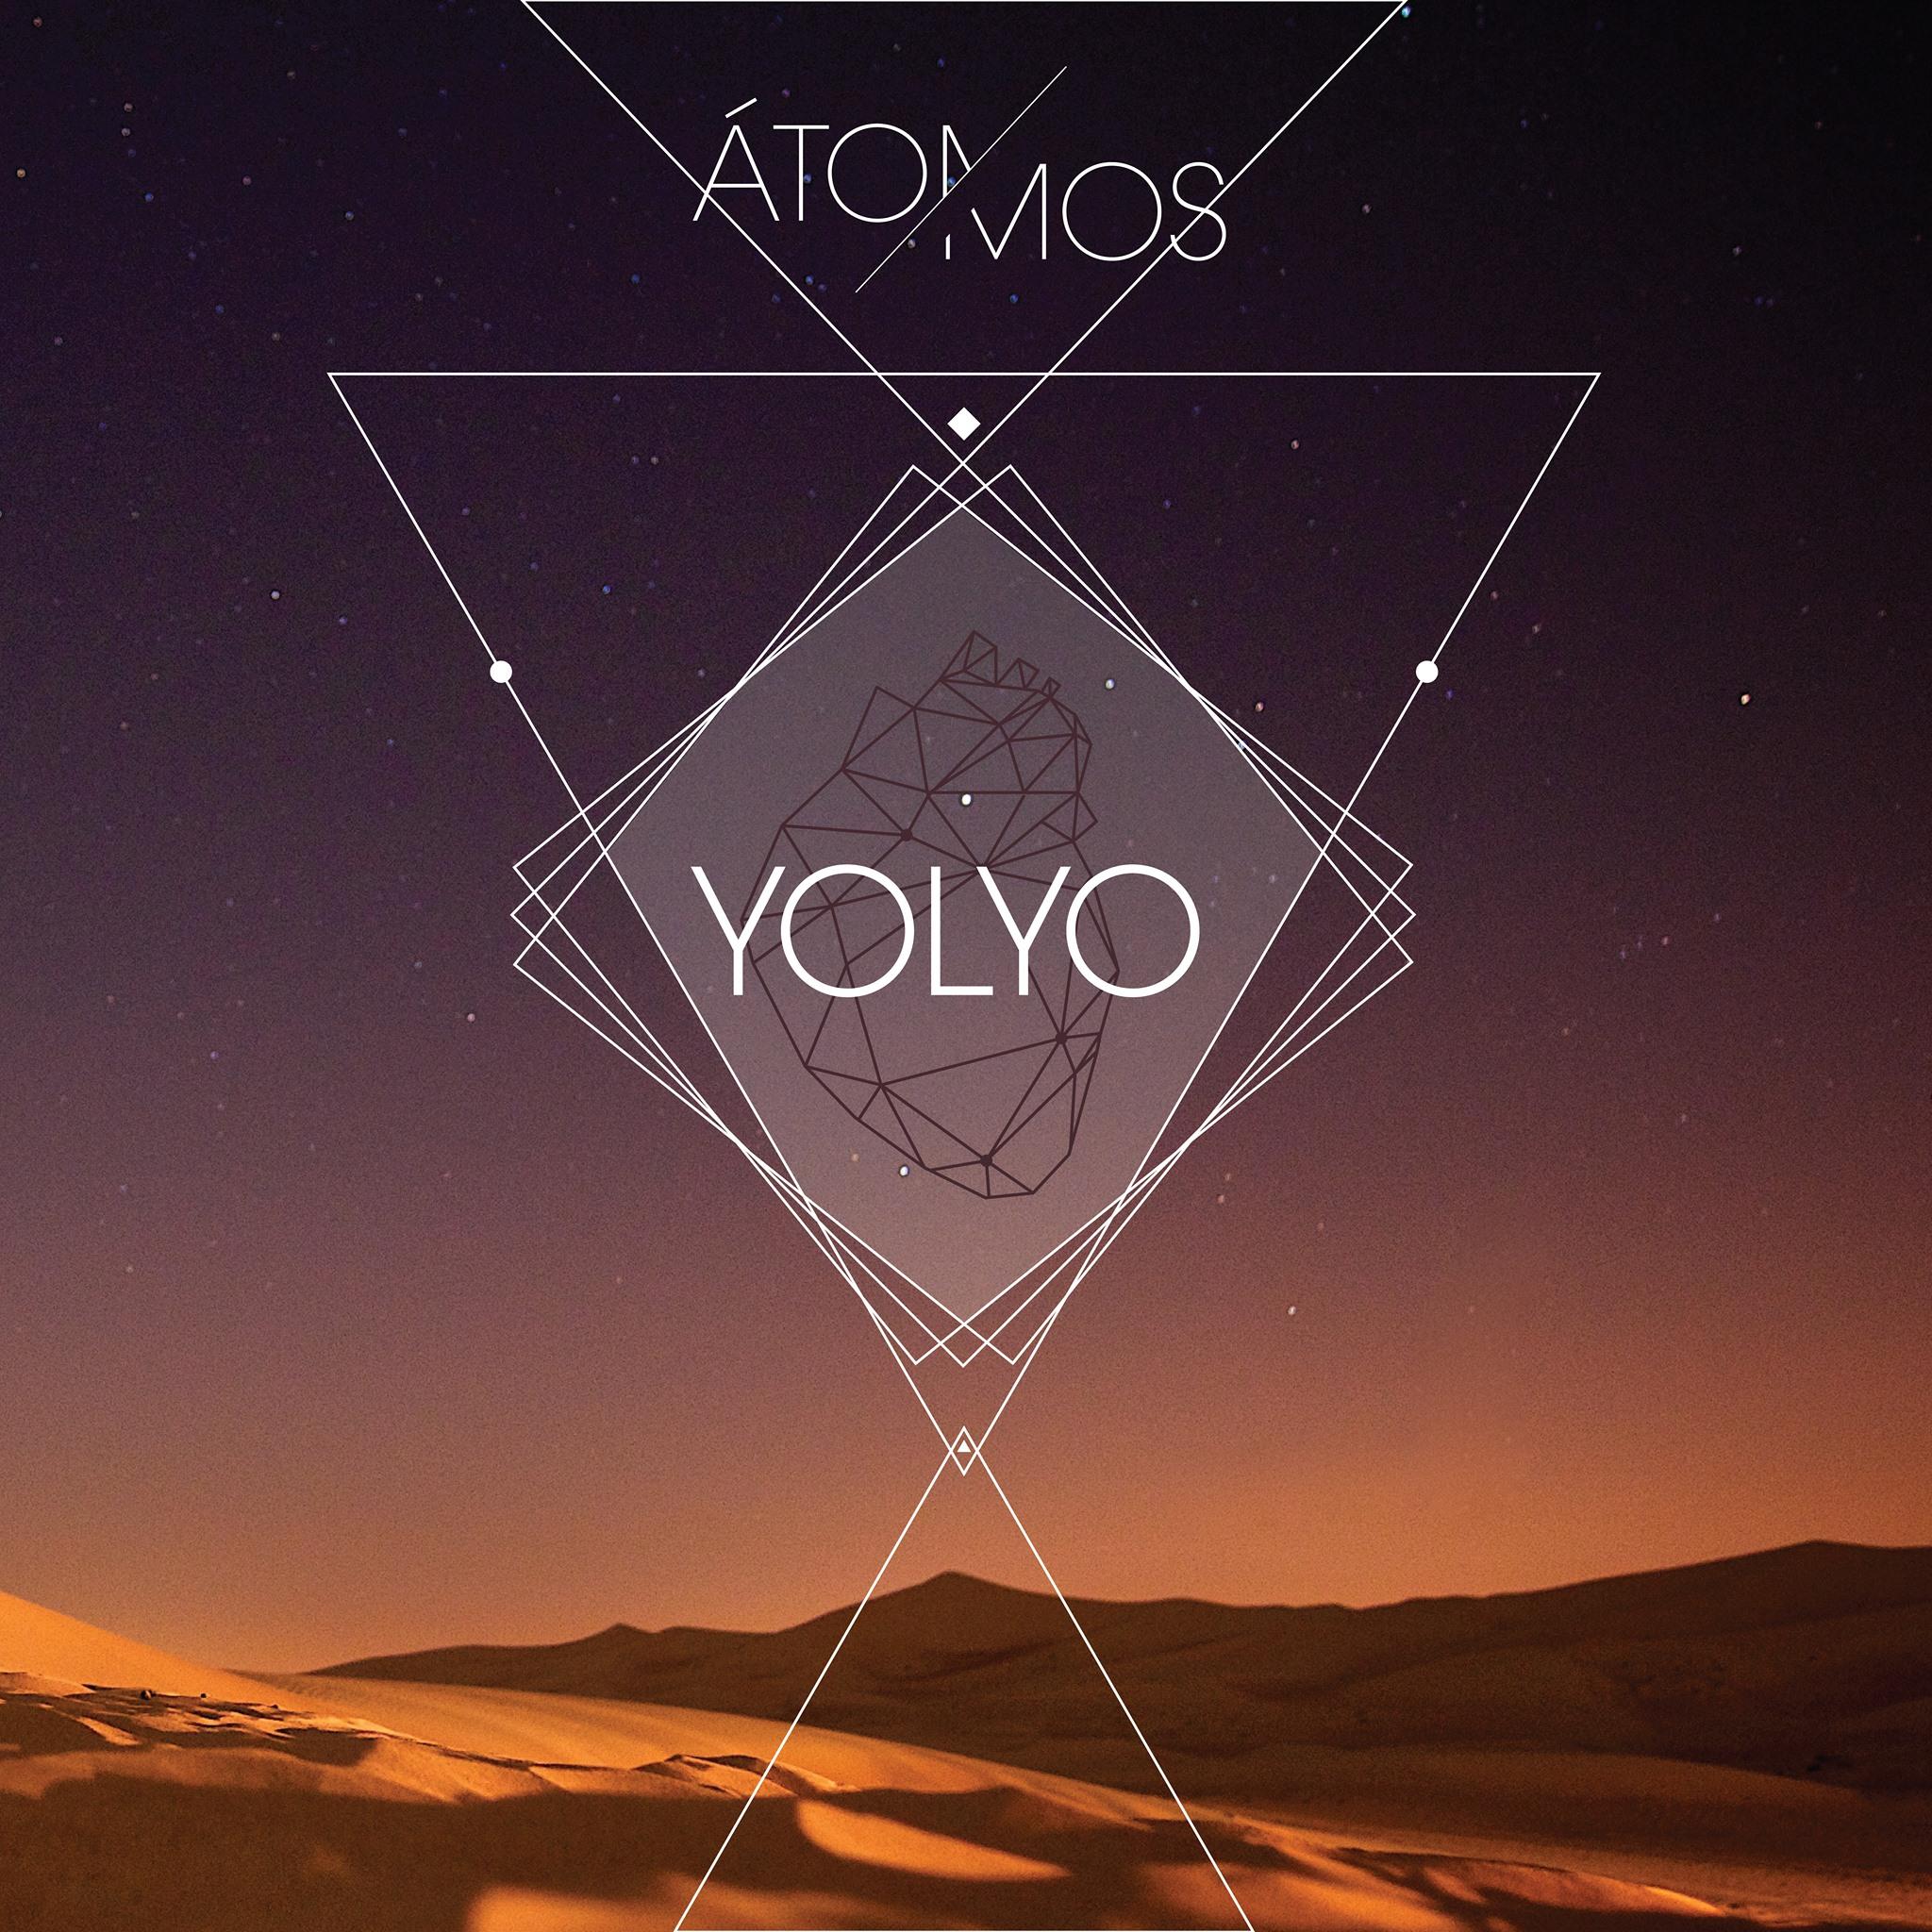 Átomos-Yolyo_Portada.jpg